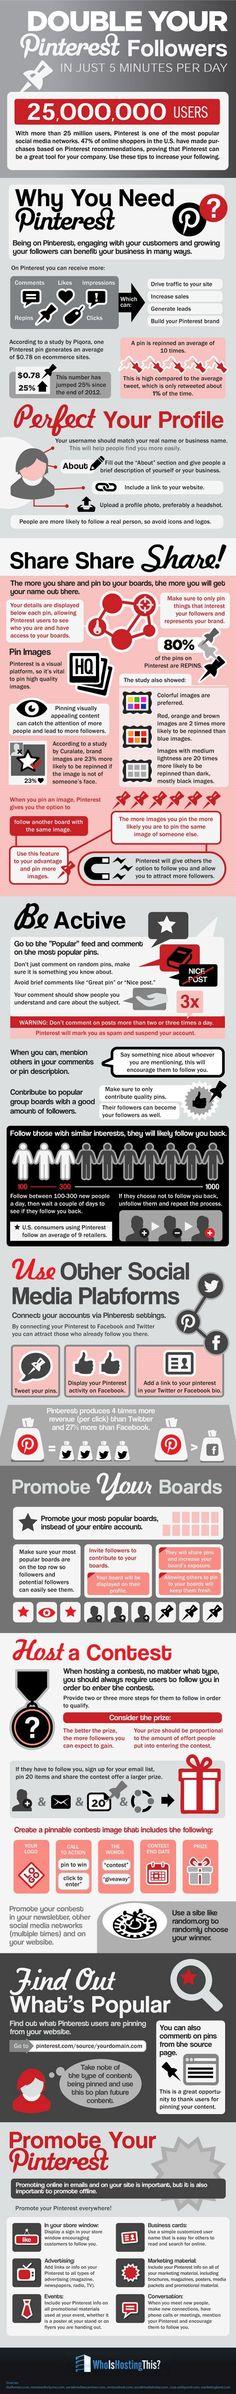 Zo trek je meer kopers naar Pinterest (infographic)